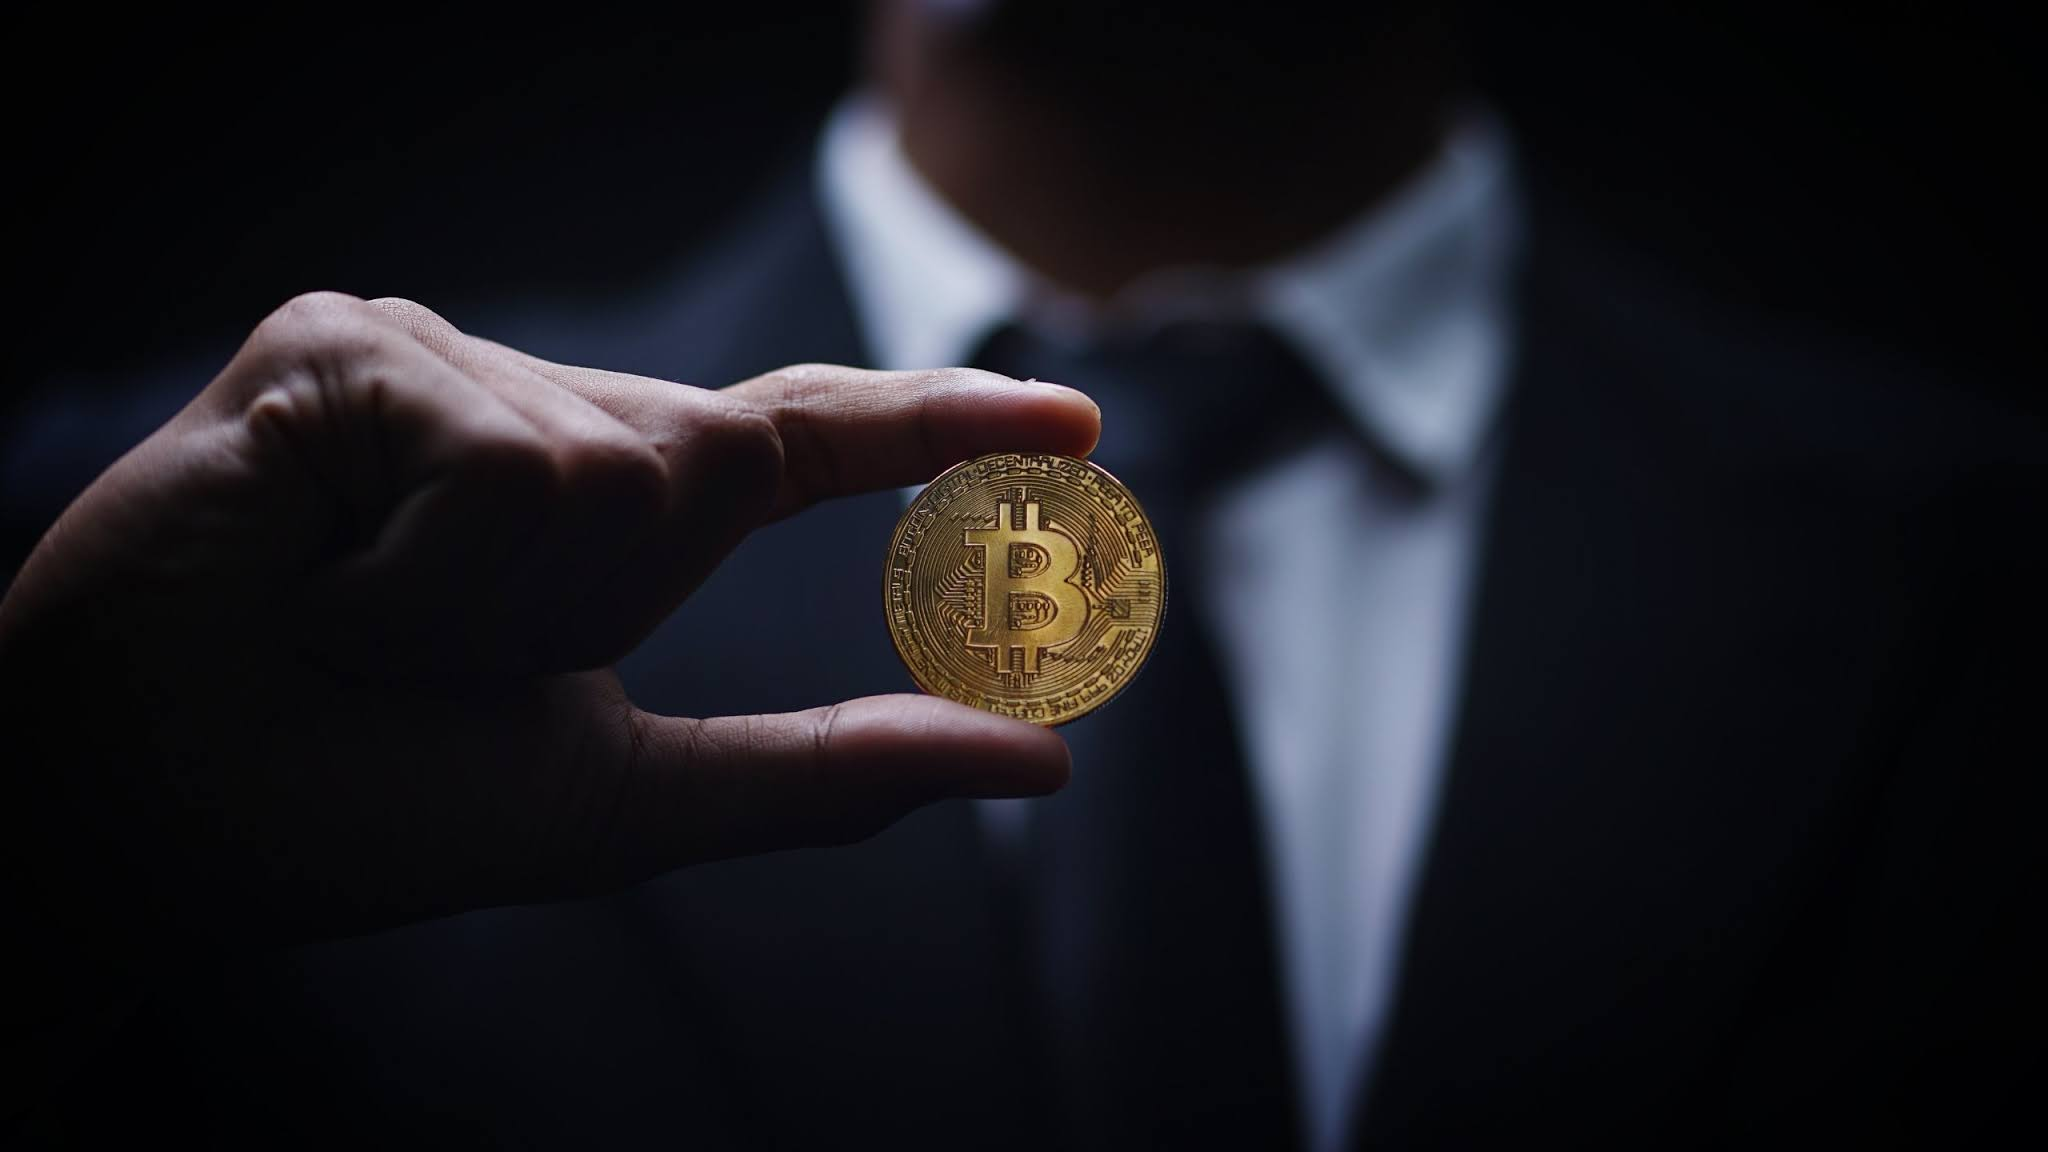 Marshall Wace kripto sektörüne yatırım yapacak